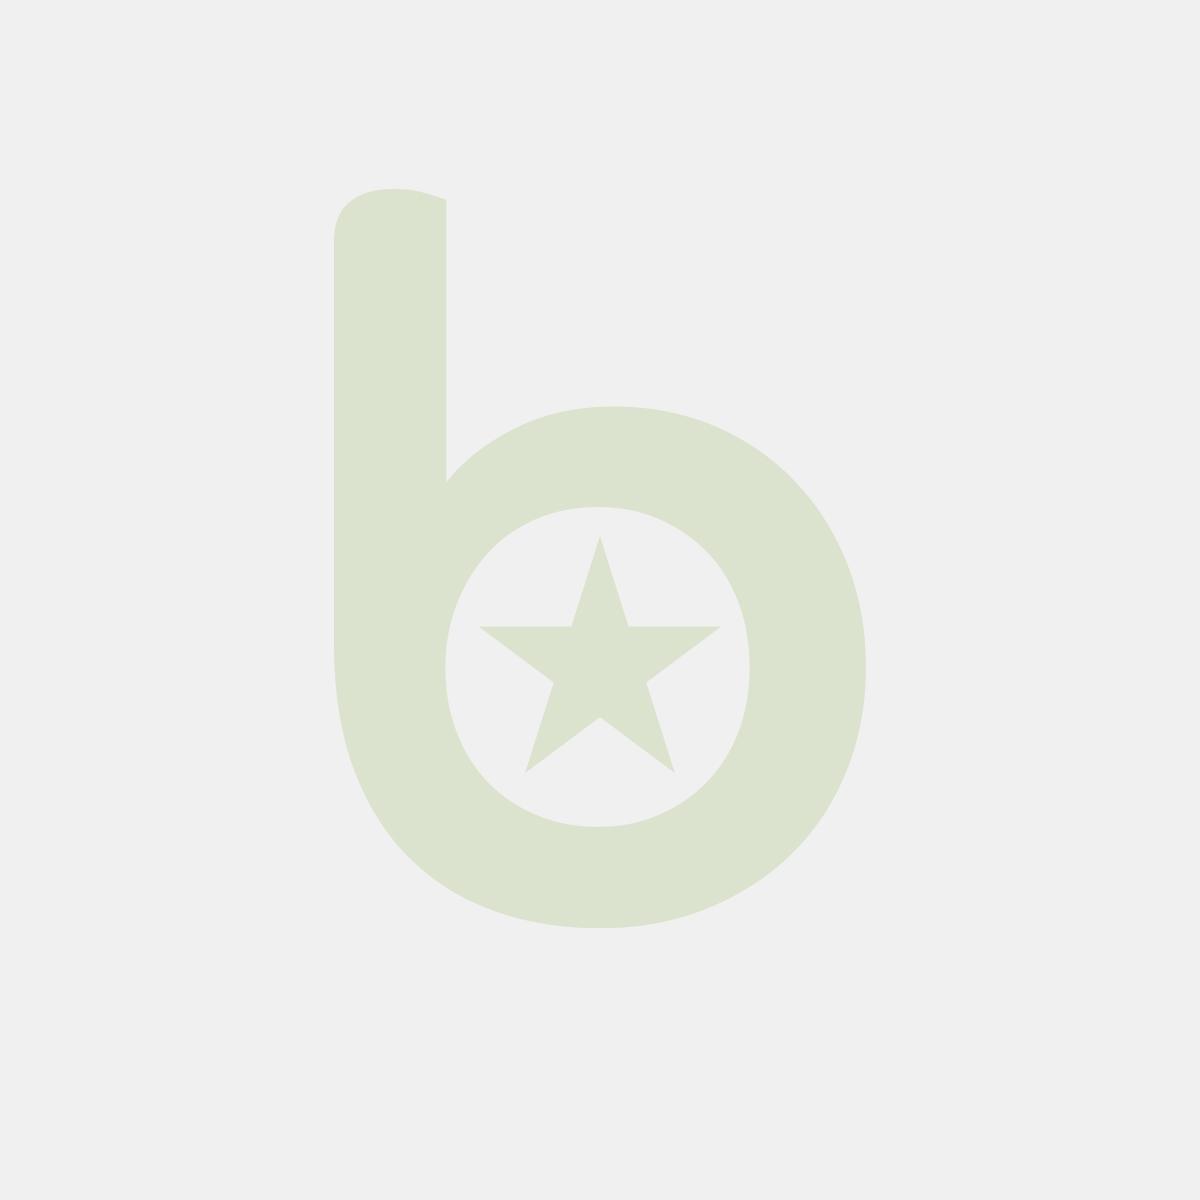 Etui-koperta na sztućce, 20 x 8,5 cm, opakowanie 520 szt., kremowy z kolorową serwetką